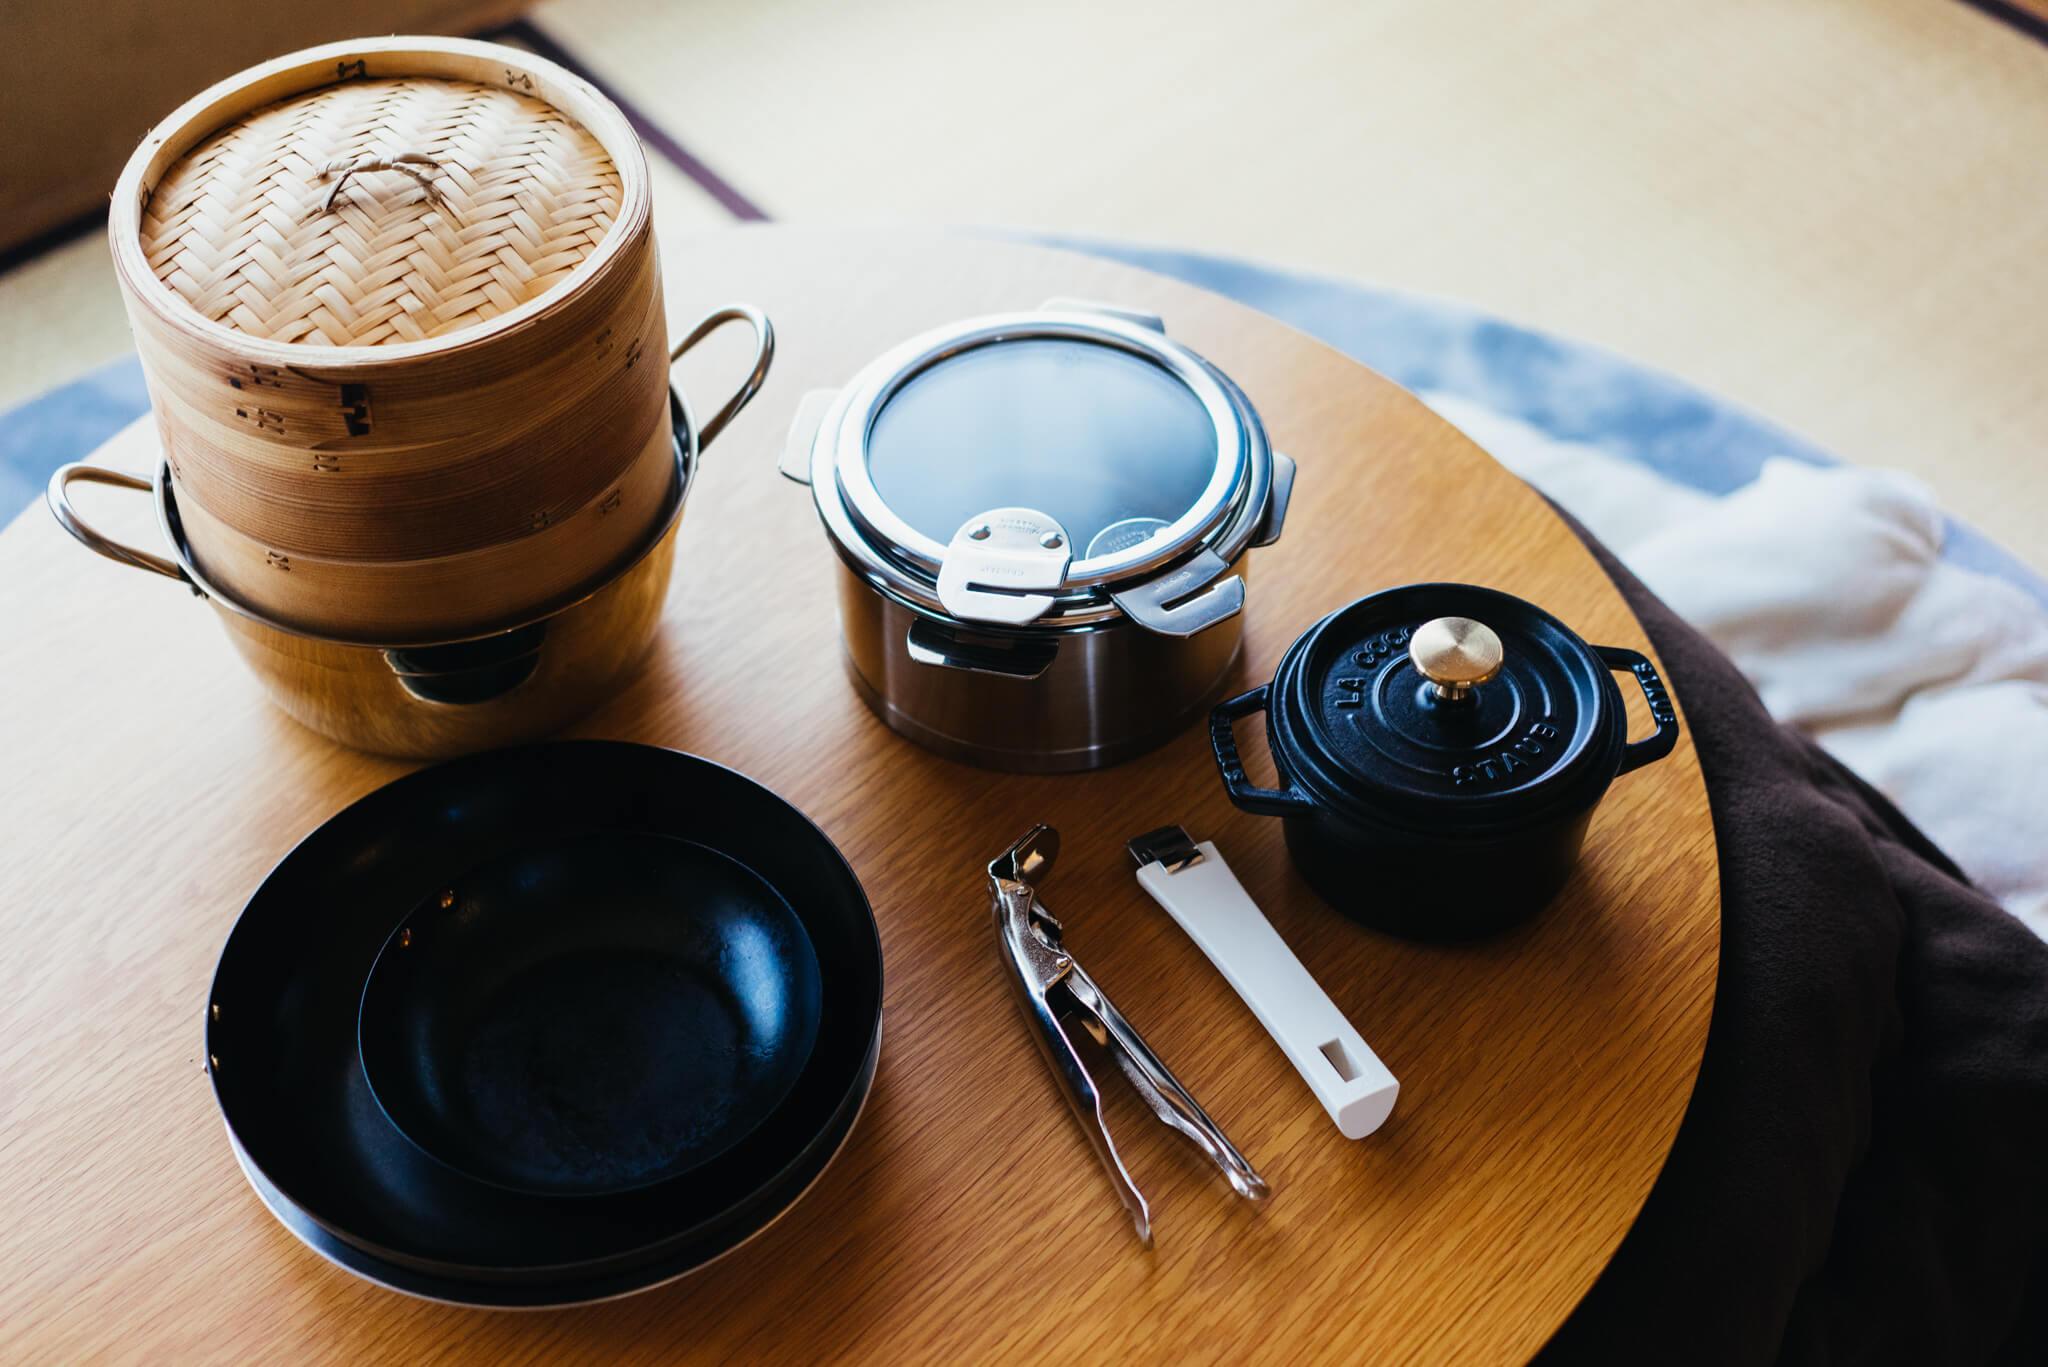 整理収納アドバイザー、小林由未子さんがお勧めする料理アイテム。鍋も、フライパンも、取っ手がとれるタイプで、収納はもちろん狭いシンクでも「洗うのが圧倒的に楽」なんだとか。(このお部屋はこちら)